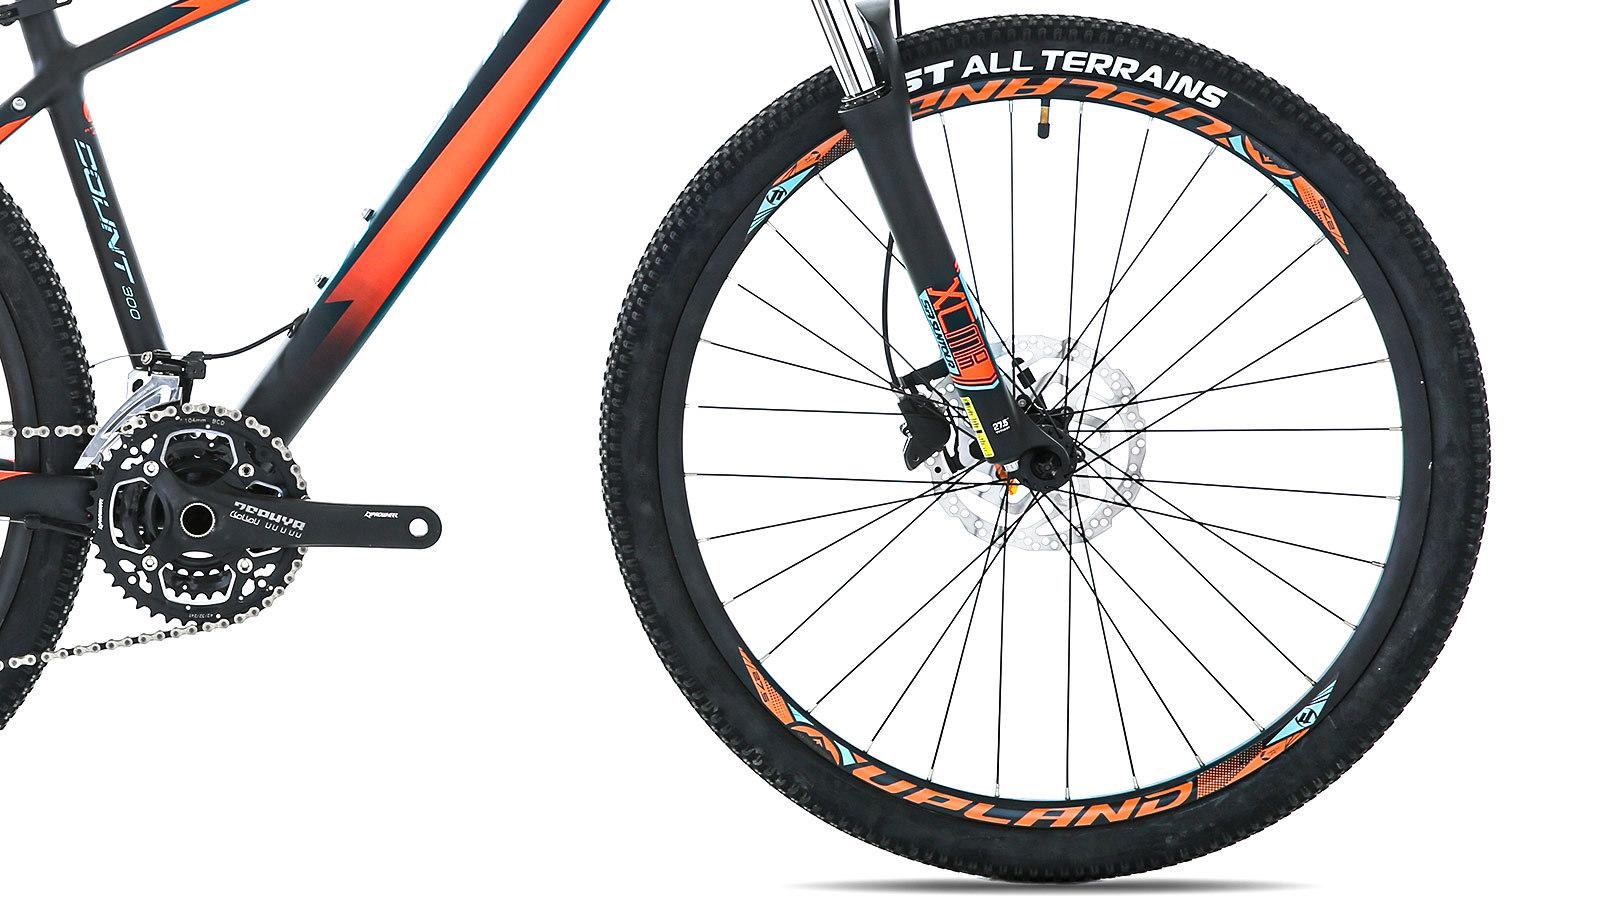 переднее колесо и педаль горного велосипеда